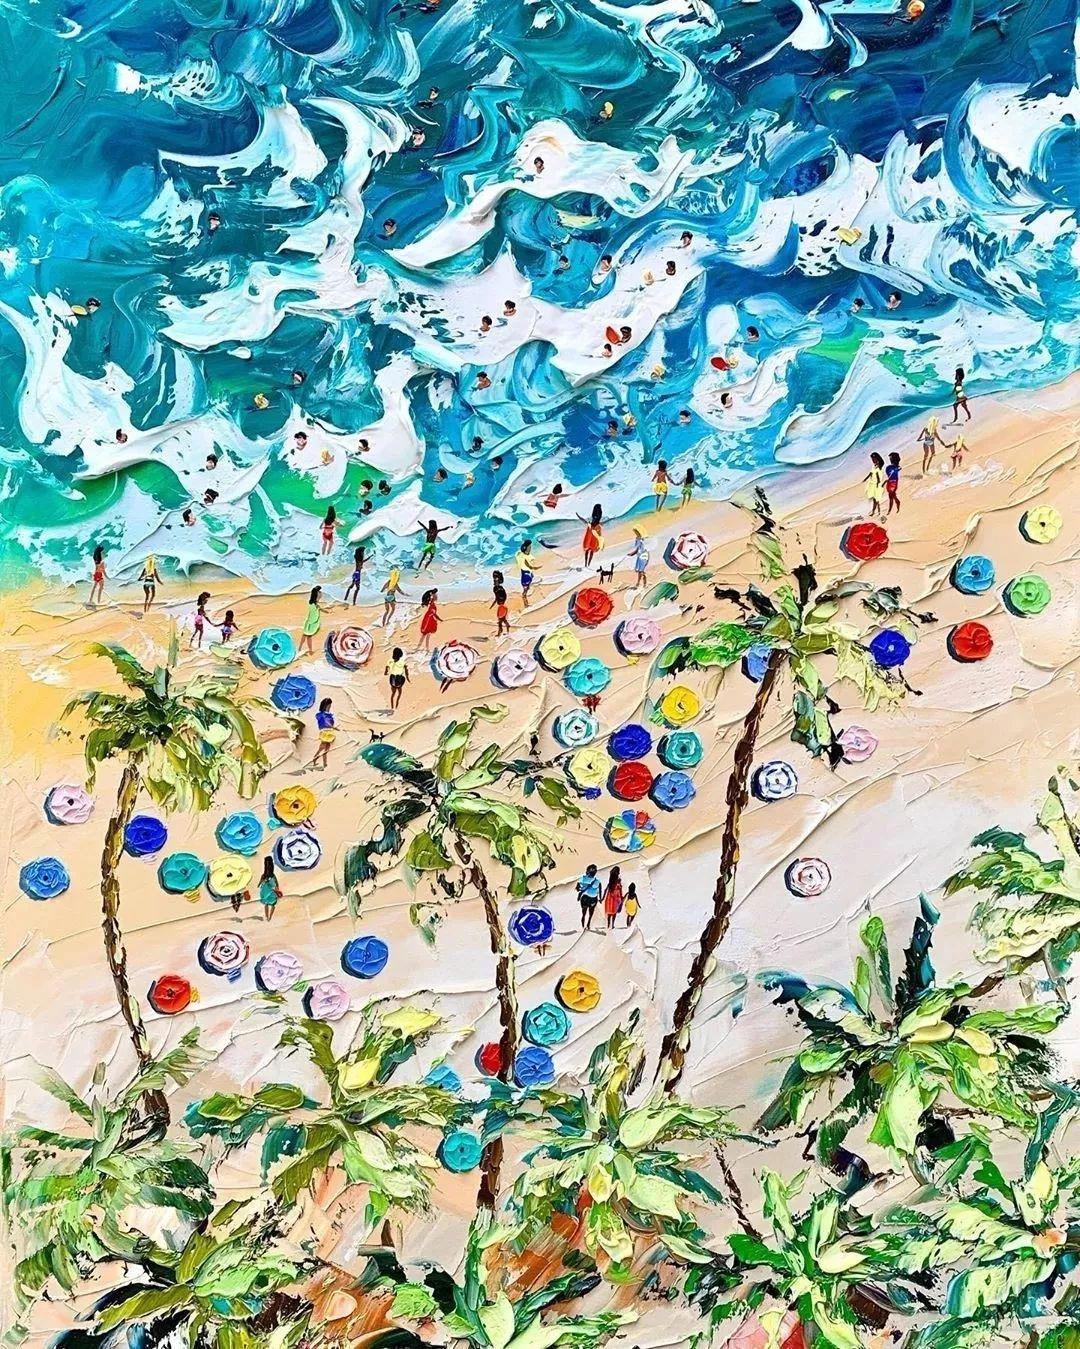 笔触大胆,用色干净利落,爱沙尼亚女画家Alena Shymchonak插图33